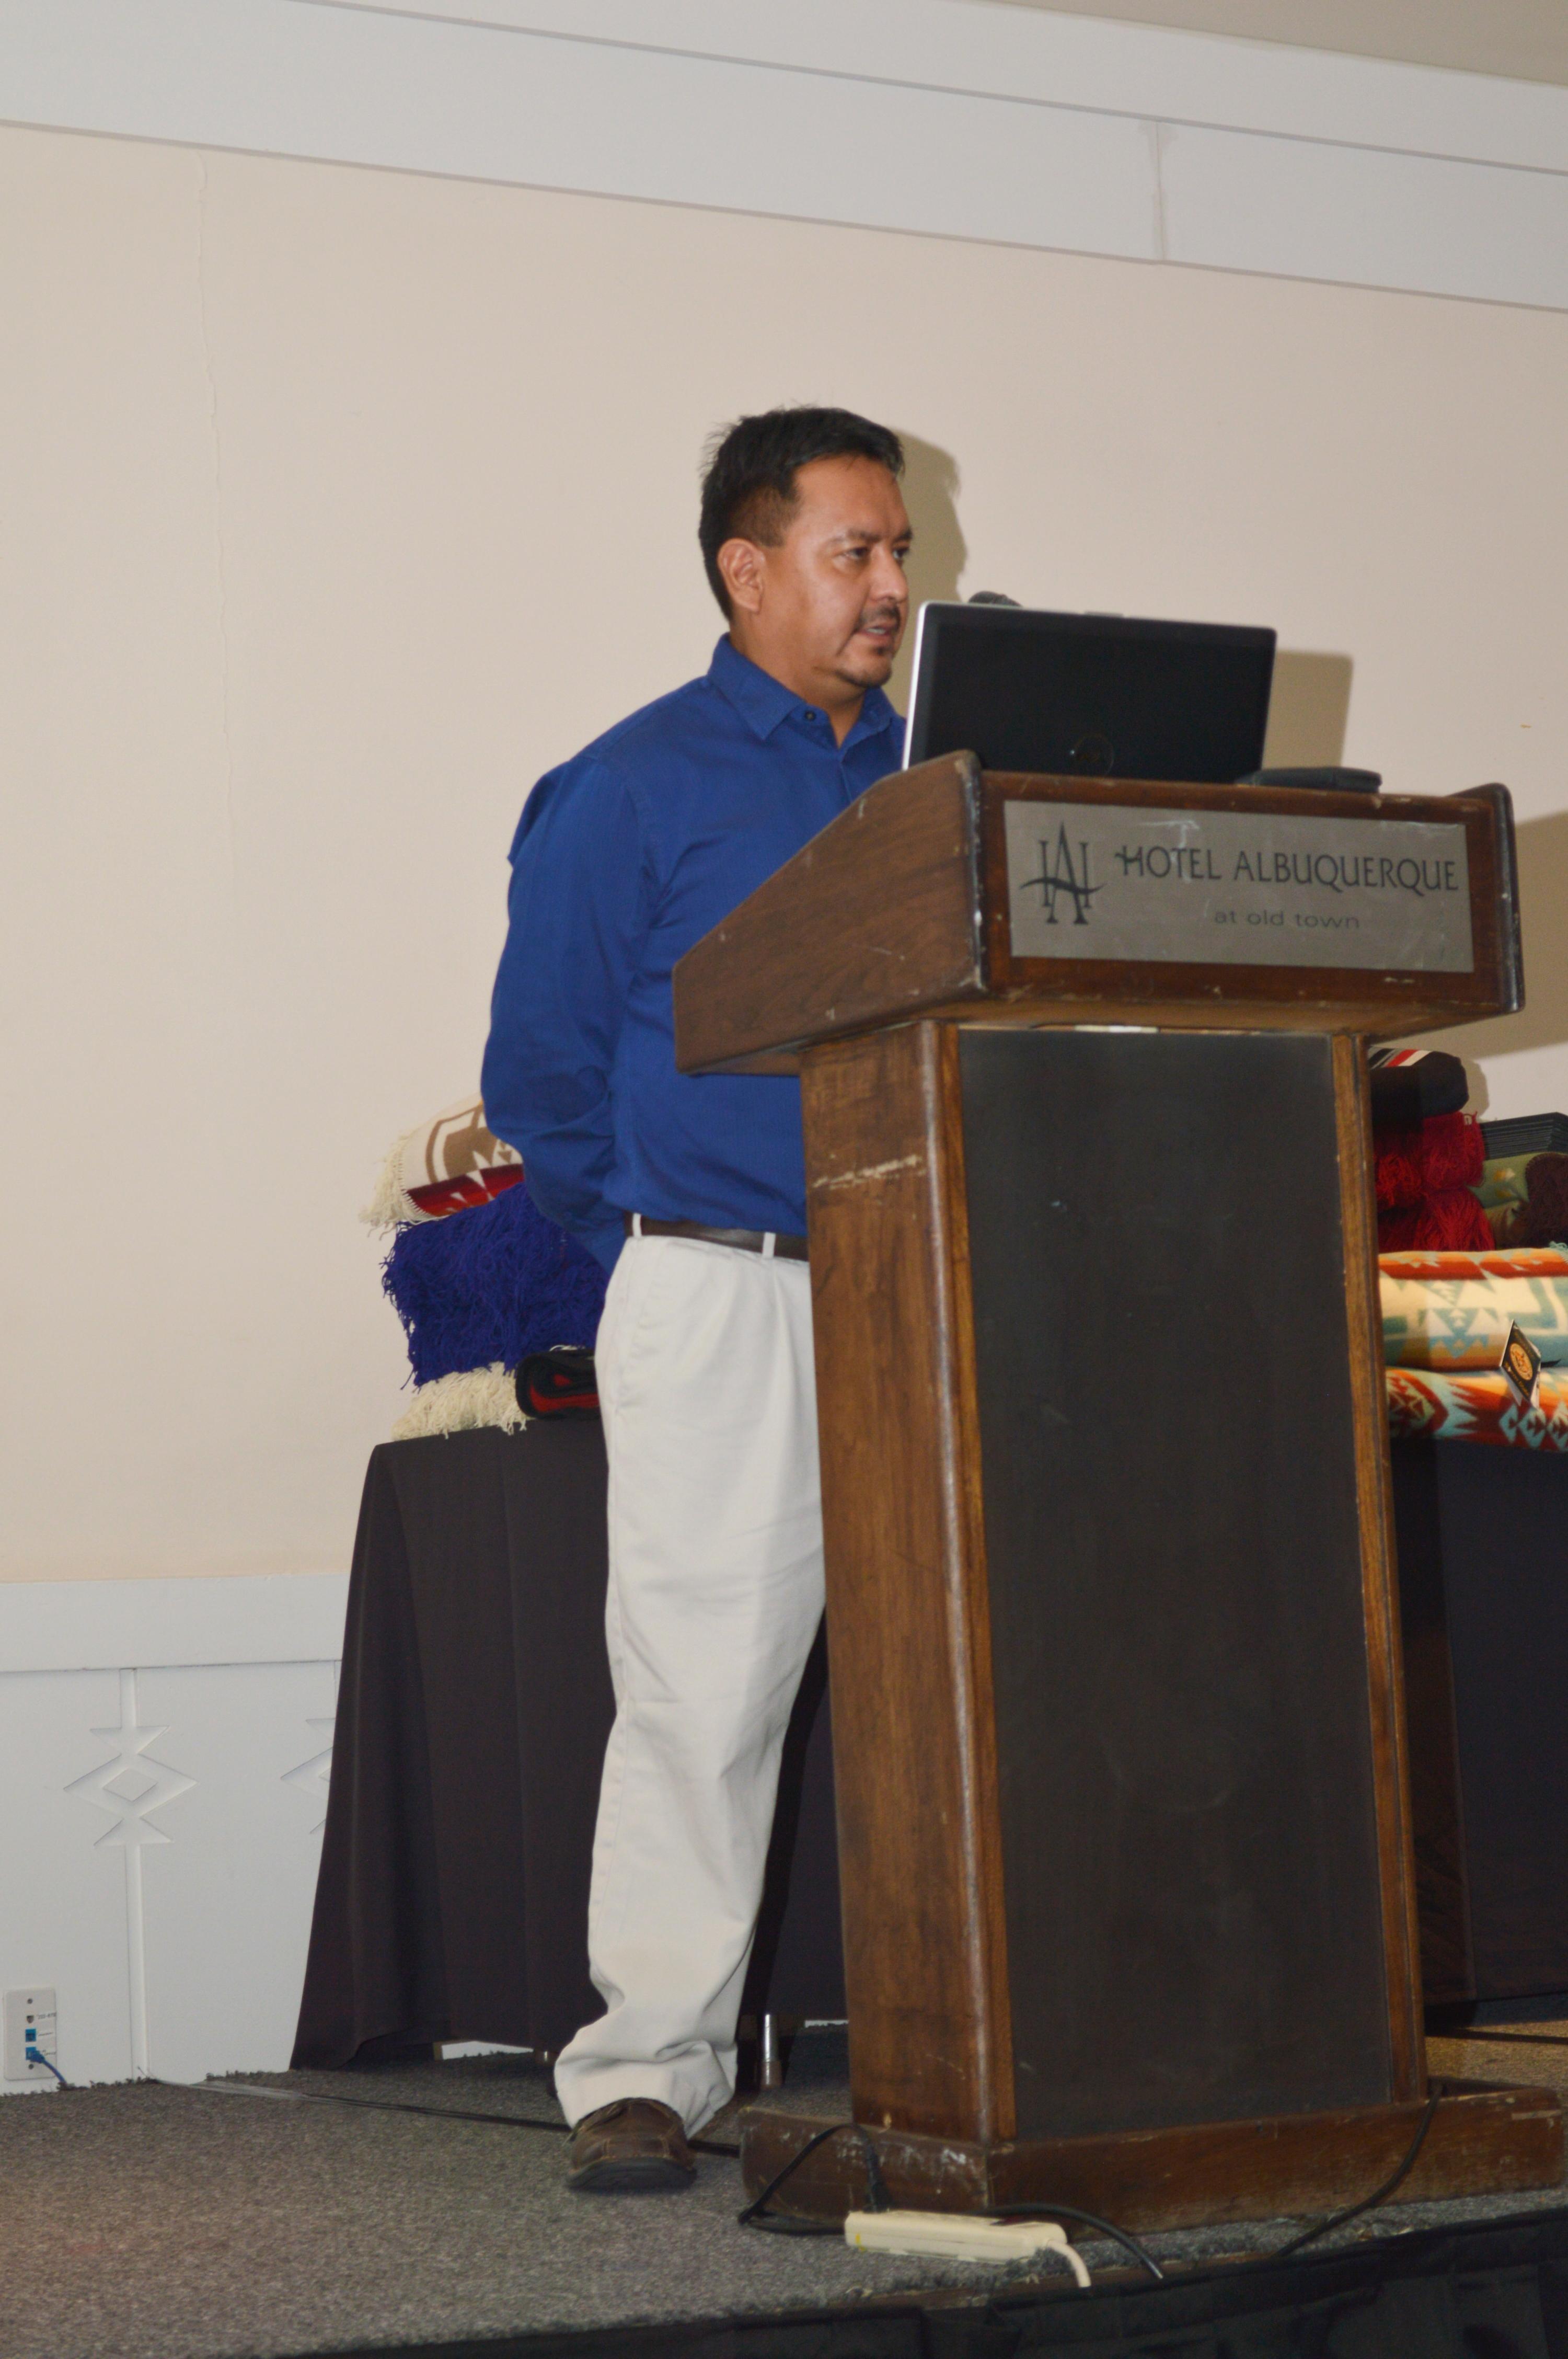 Hombre hablando desde el podio.